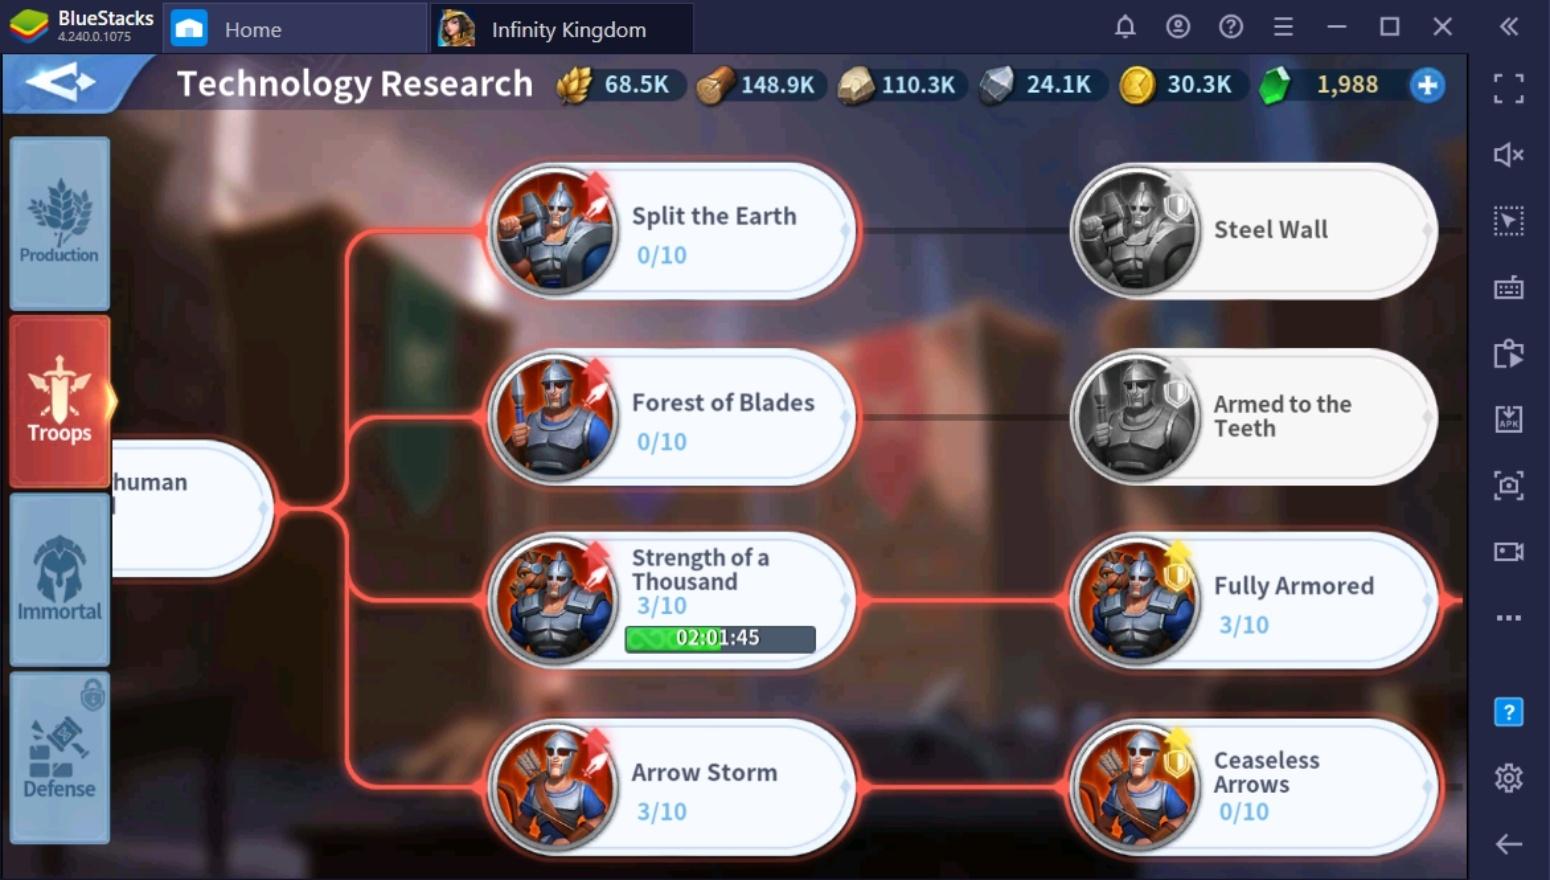 Die stärkste Armee aufstellen in Infinity Kingdom auf dem PC